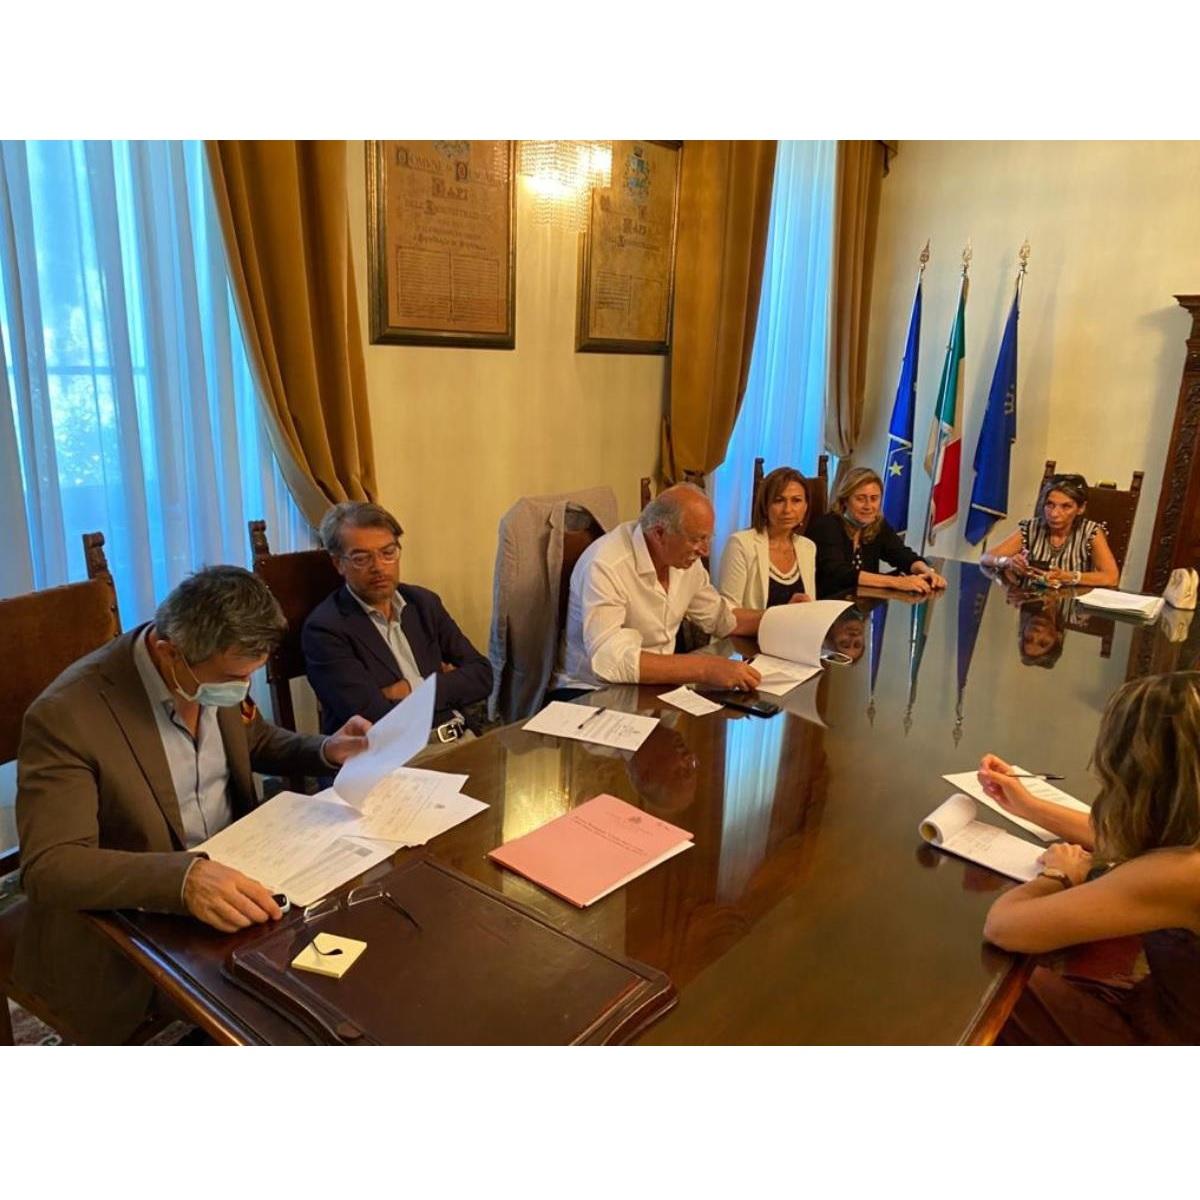 Pescara centri estivi incrementato contributo del Comune foto